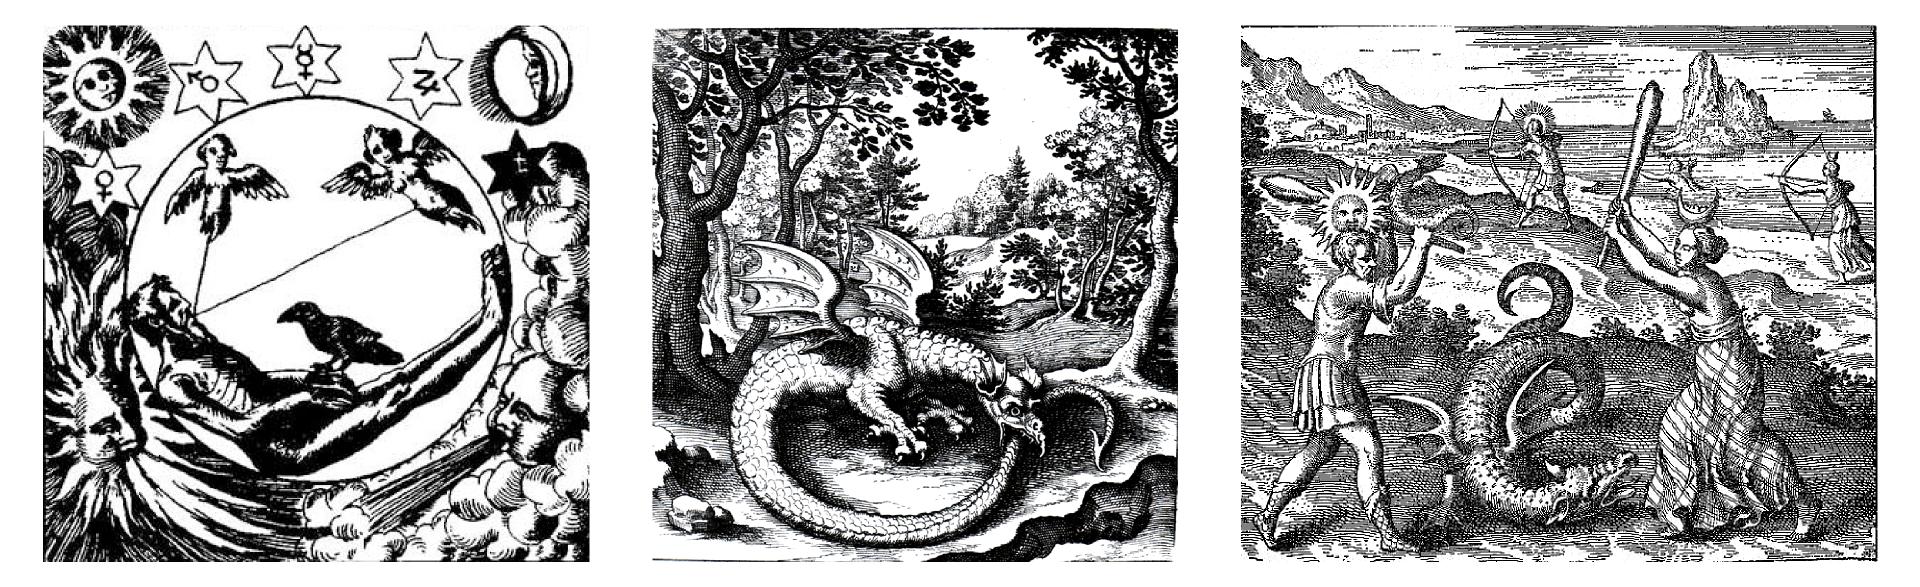 Trzy ilustracje przedstawiające symbole wiedzy tajemnej. Pierwsza od lewej to skomplikowany geometryczny układ przedstawiający postać starego człowieka wpisaną wokrąg zkrukiem siedzącym na jego dłoni idwoma aniołami unoszącymi się nad nimi. Ponad kołem wpięciu gwiazdach naniesiono symbole astrologiczne, anarożniki ilustracji zawierają słońce, księżyc, żywioły ognia ipowietrza. Druga, środkowa ilustracja to rycina przedstawiająca las ze wzgórzami wtle. Na pierwszym planie znajduje się główny temat: skrzydlaty smok pożerający swój długi ogon. Rycina ostatnia przedstawia scenę łowów na smoki wscenerii przypominającej brzeg morza. Dwie pary postaci - mężczyzna ze słońcem na głowie ikobieta zksiężycem ubrani wstarogreckie stroje na pierwszym planie zabijają smoka maczugami. Tacy sami ludzie na drugim planie podchodzą smoka uzbrojeni włuki.